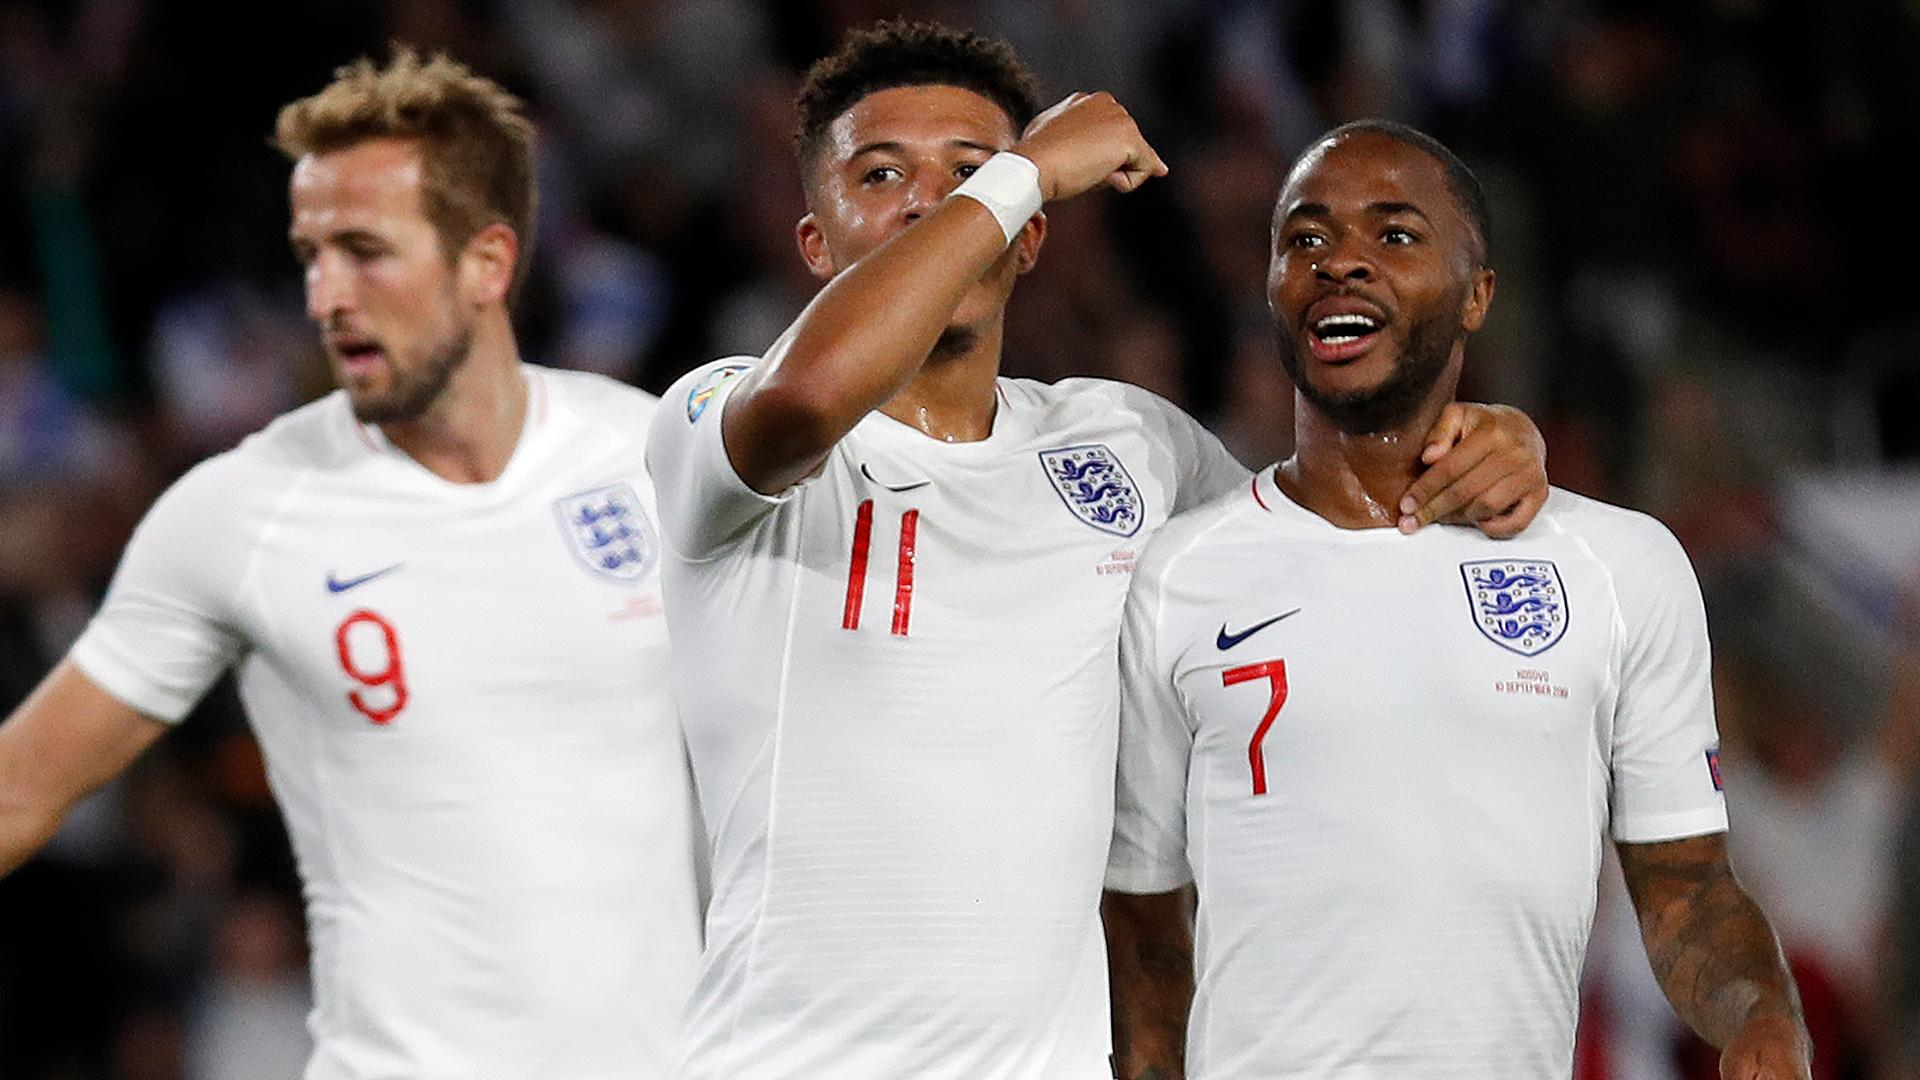 تصفيات يورو 2020 : انكلترا تفوز على ضيفتها كوسوفو بخماسية 24